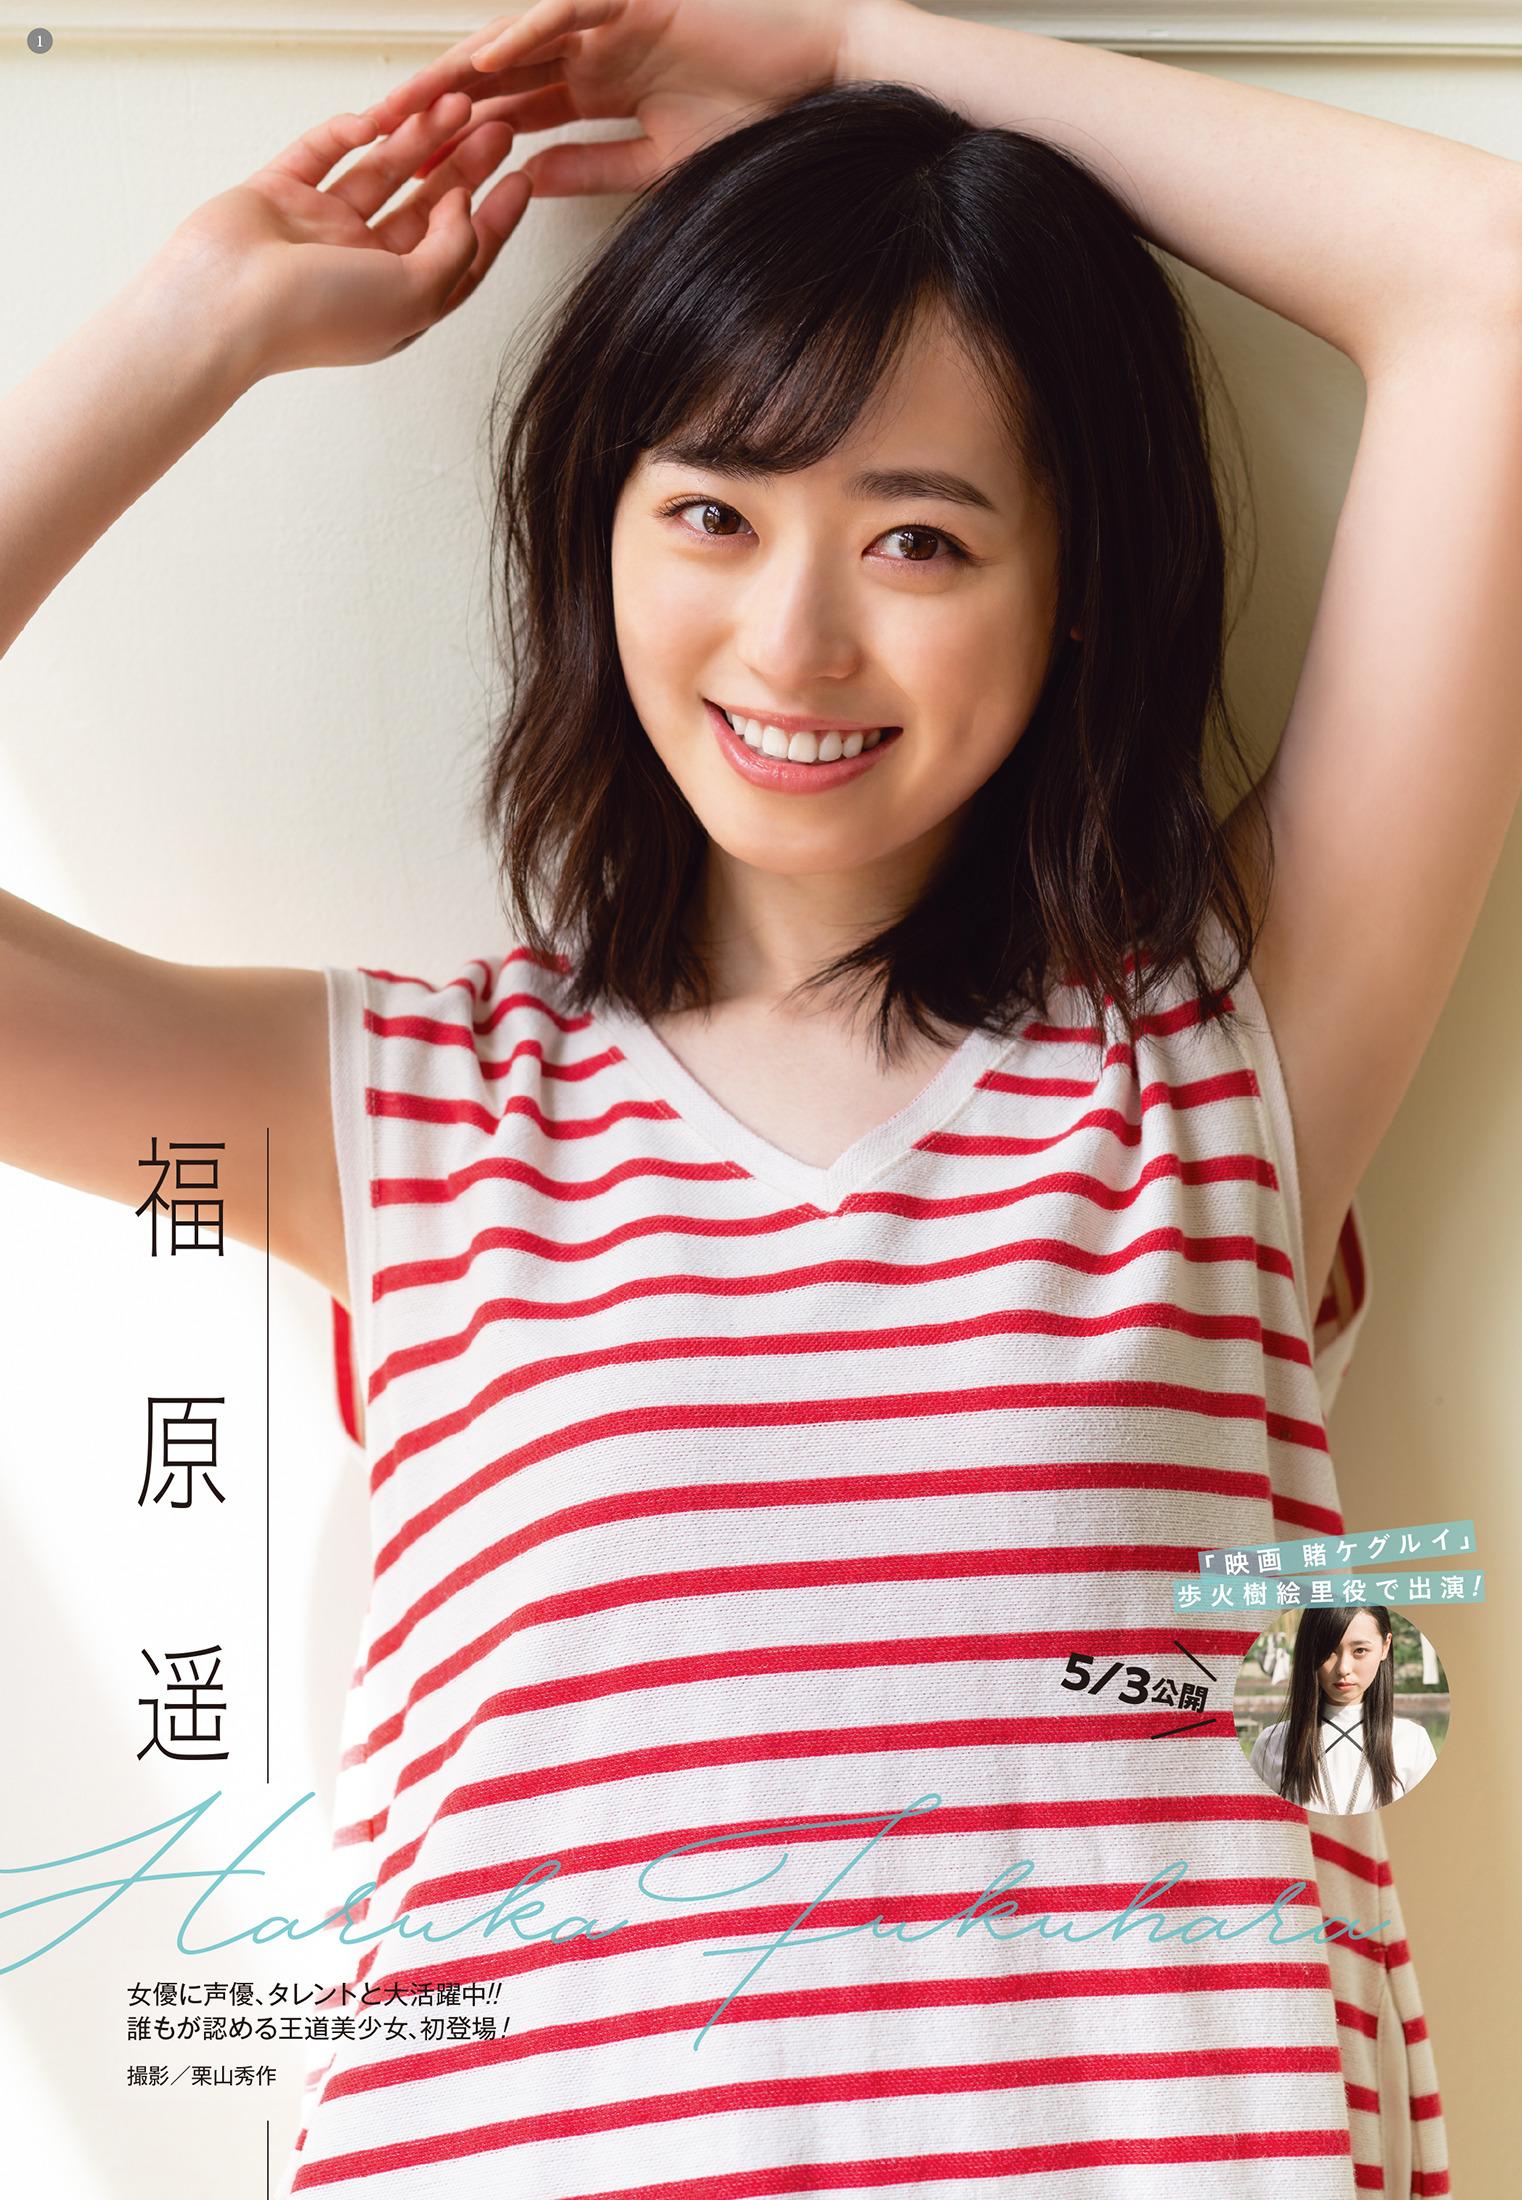 【朗報】まいんちゃん(20)、かわいいwwwww